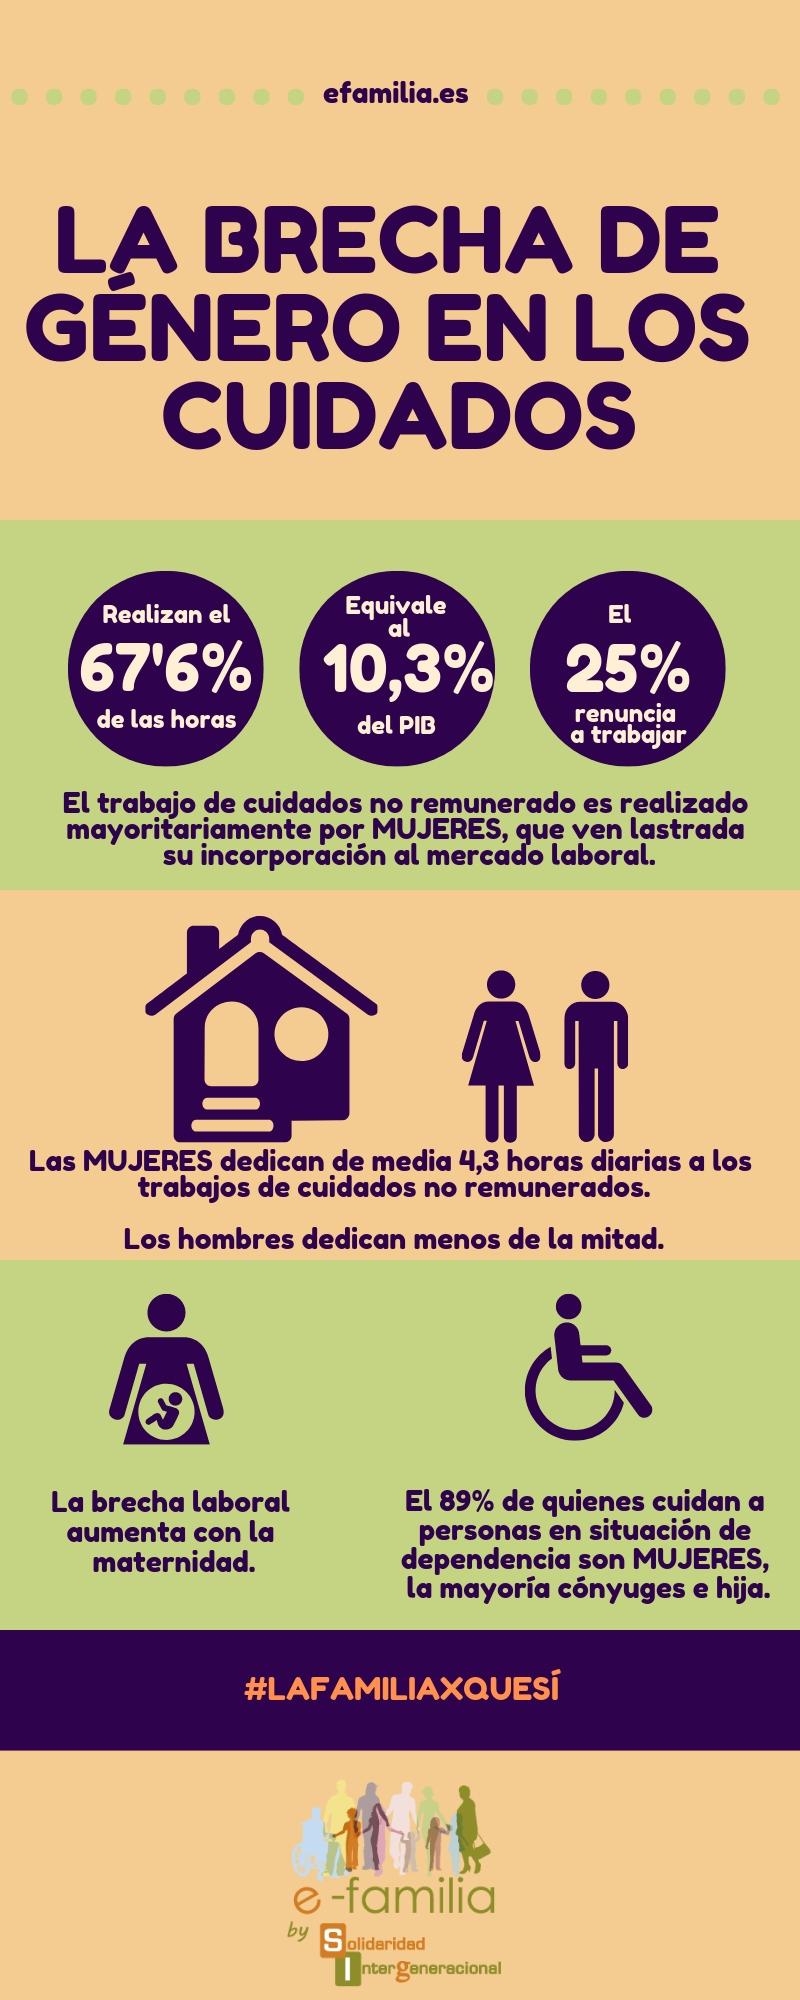 La brecha de género en los cuidados